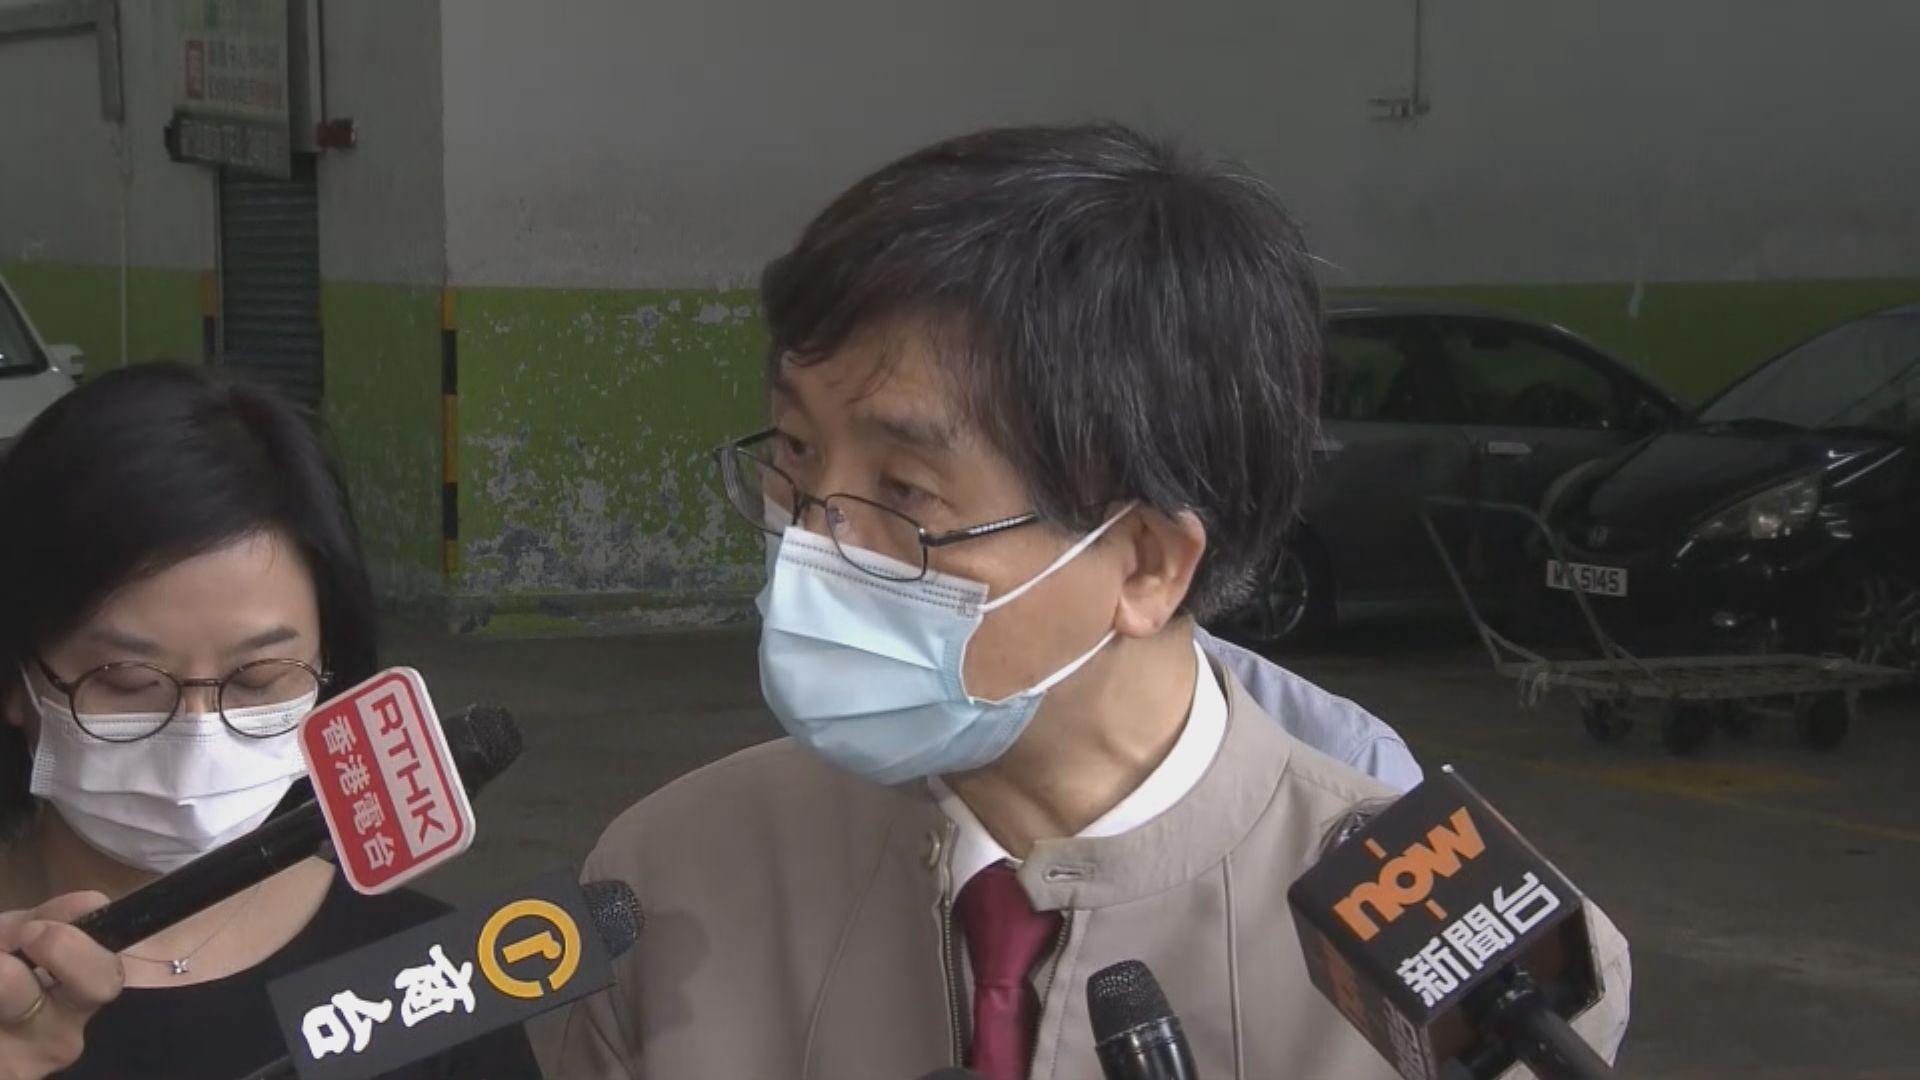 袁國勇倡為密切接觸者做血清測試驗抗體確認曾否染疫